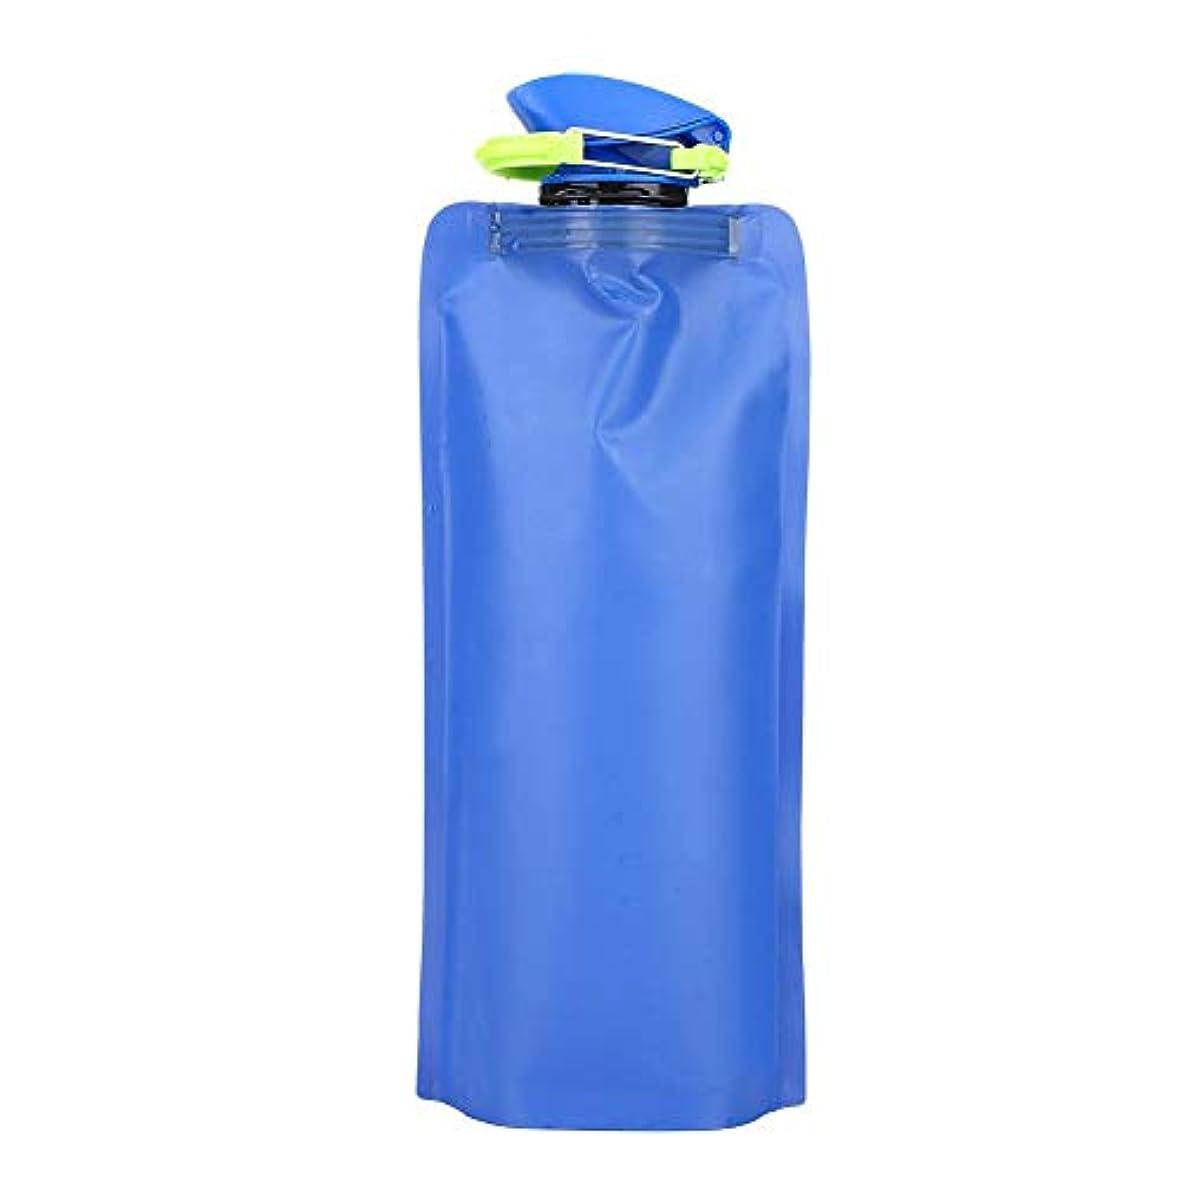 ポーズ完璧な表示650MLボトル 水筒 給水袋 折りたたみウォーターボトル スポーツボトル ハイドレーション 大容量 水分補給 安全無毒 高温耐性 スポーツ/登山/ハイキング/サイクリング用